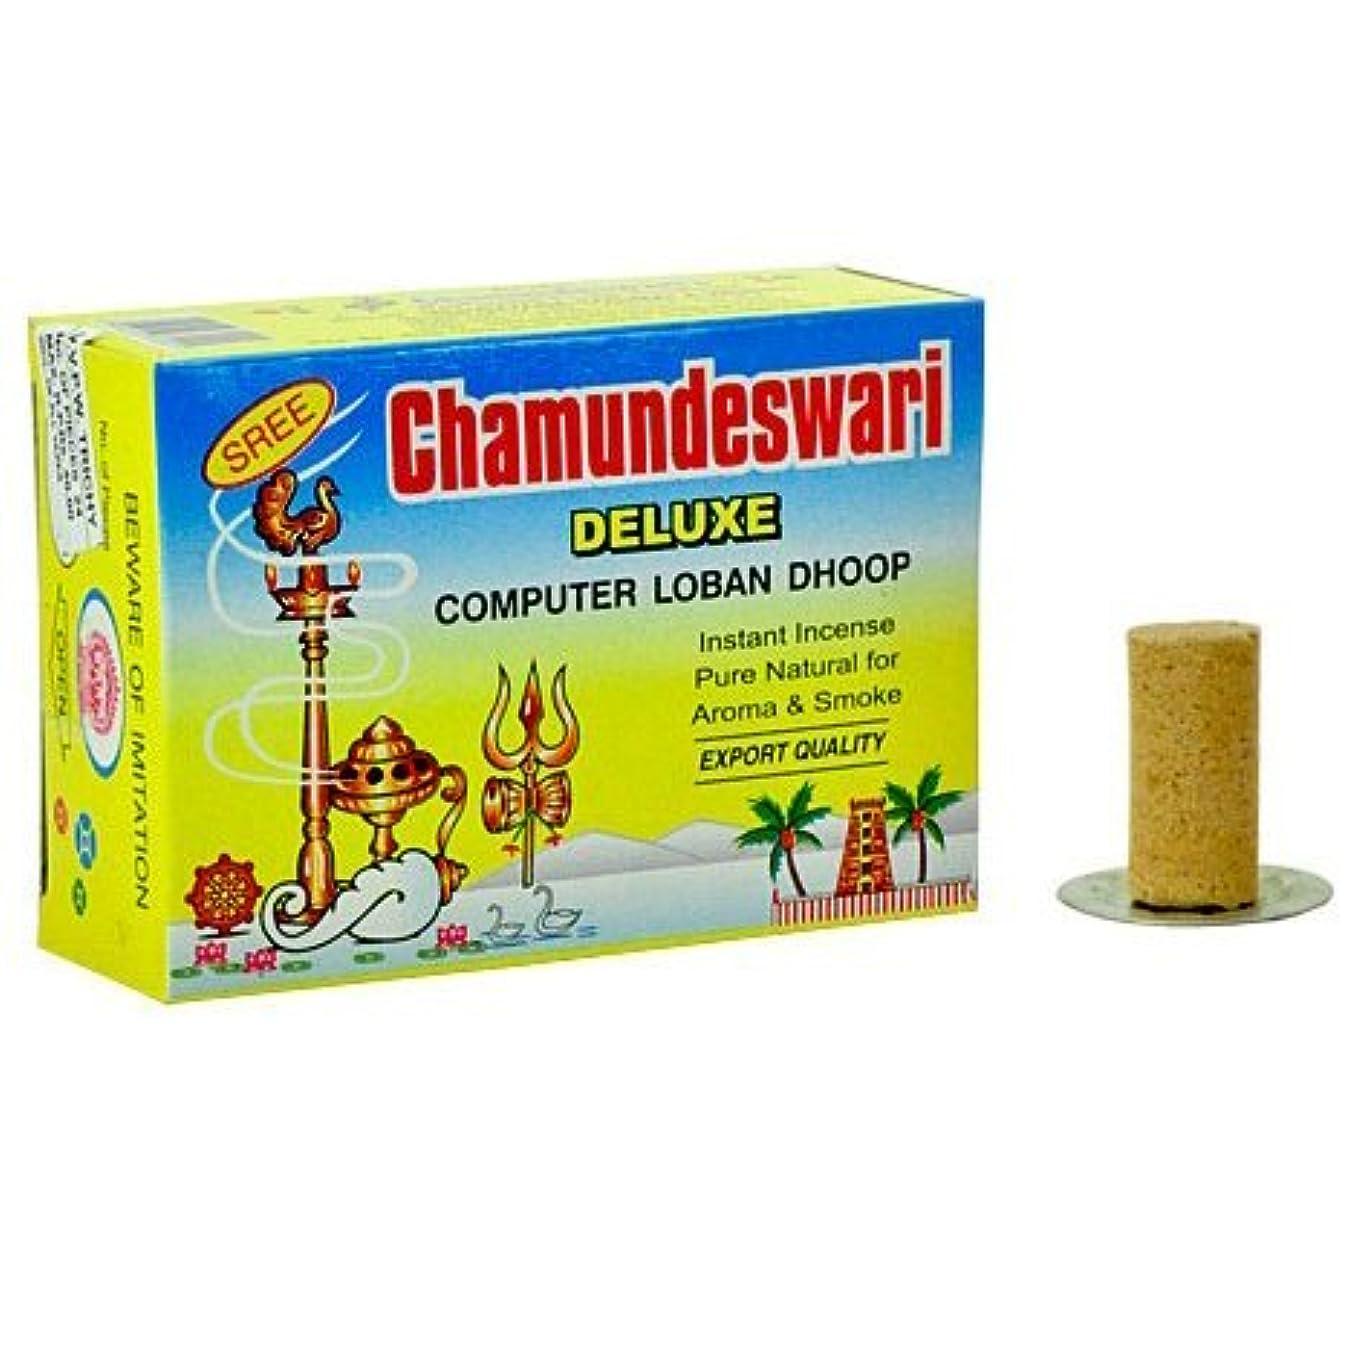 不条理ペパーミント言うSree ChamundeswariデラックスコンピュータSambrani Loban Dhoop、1.5